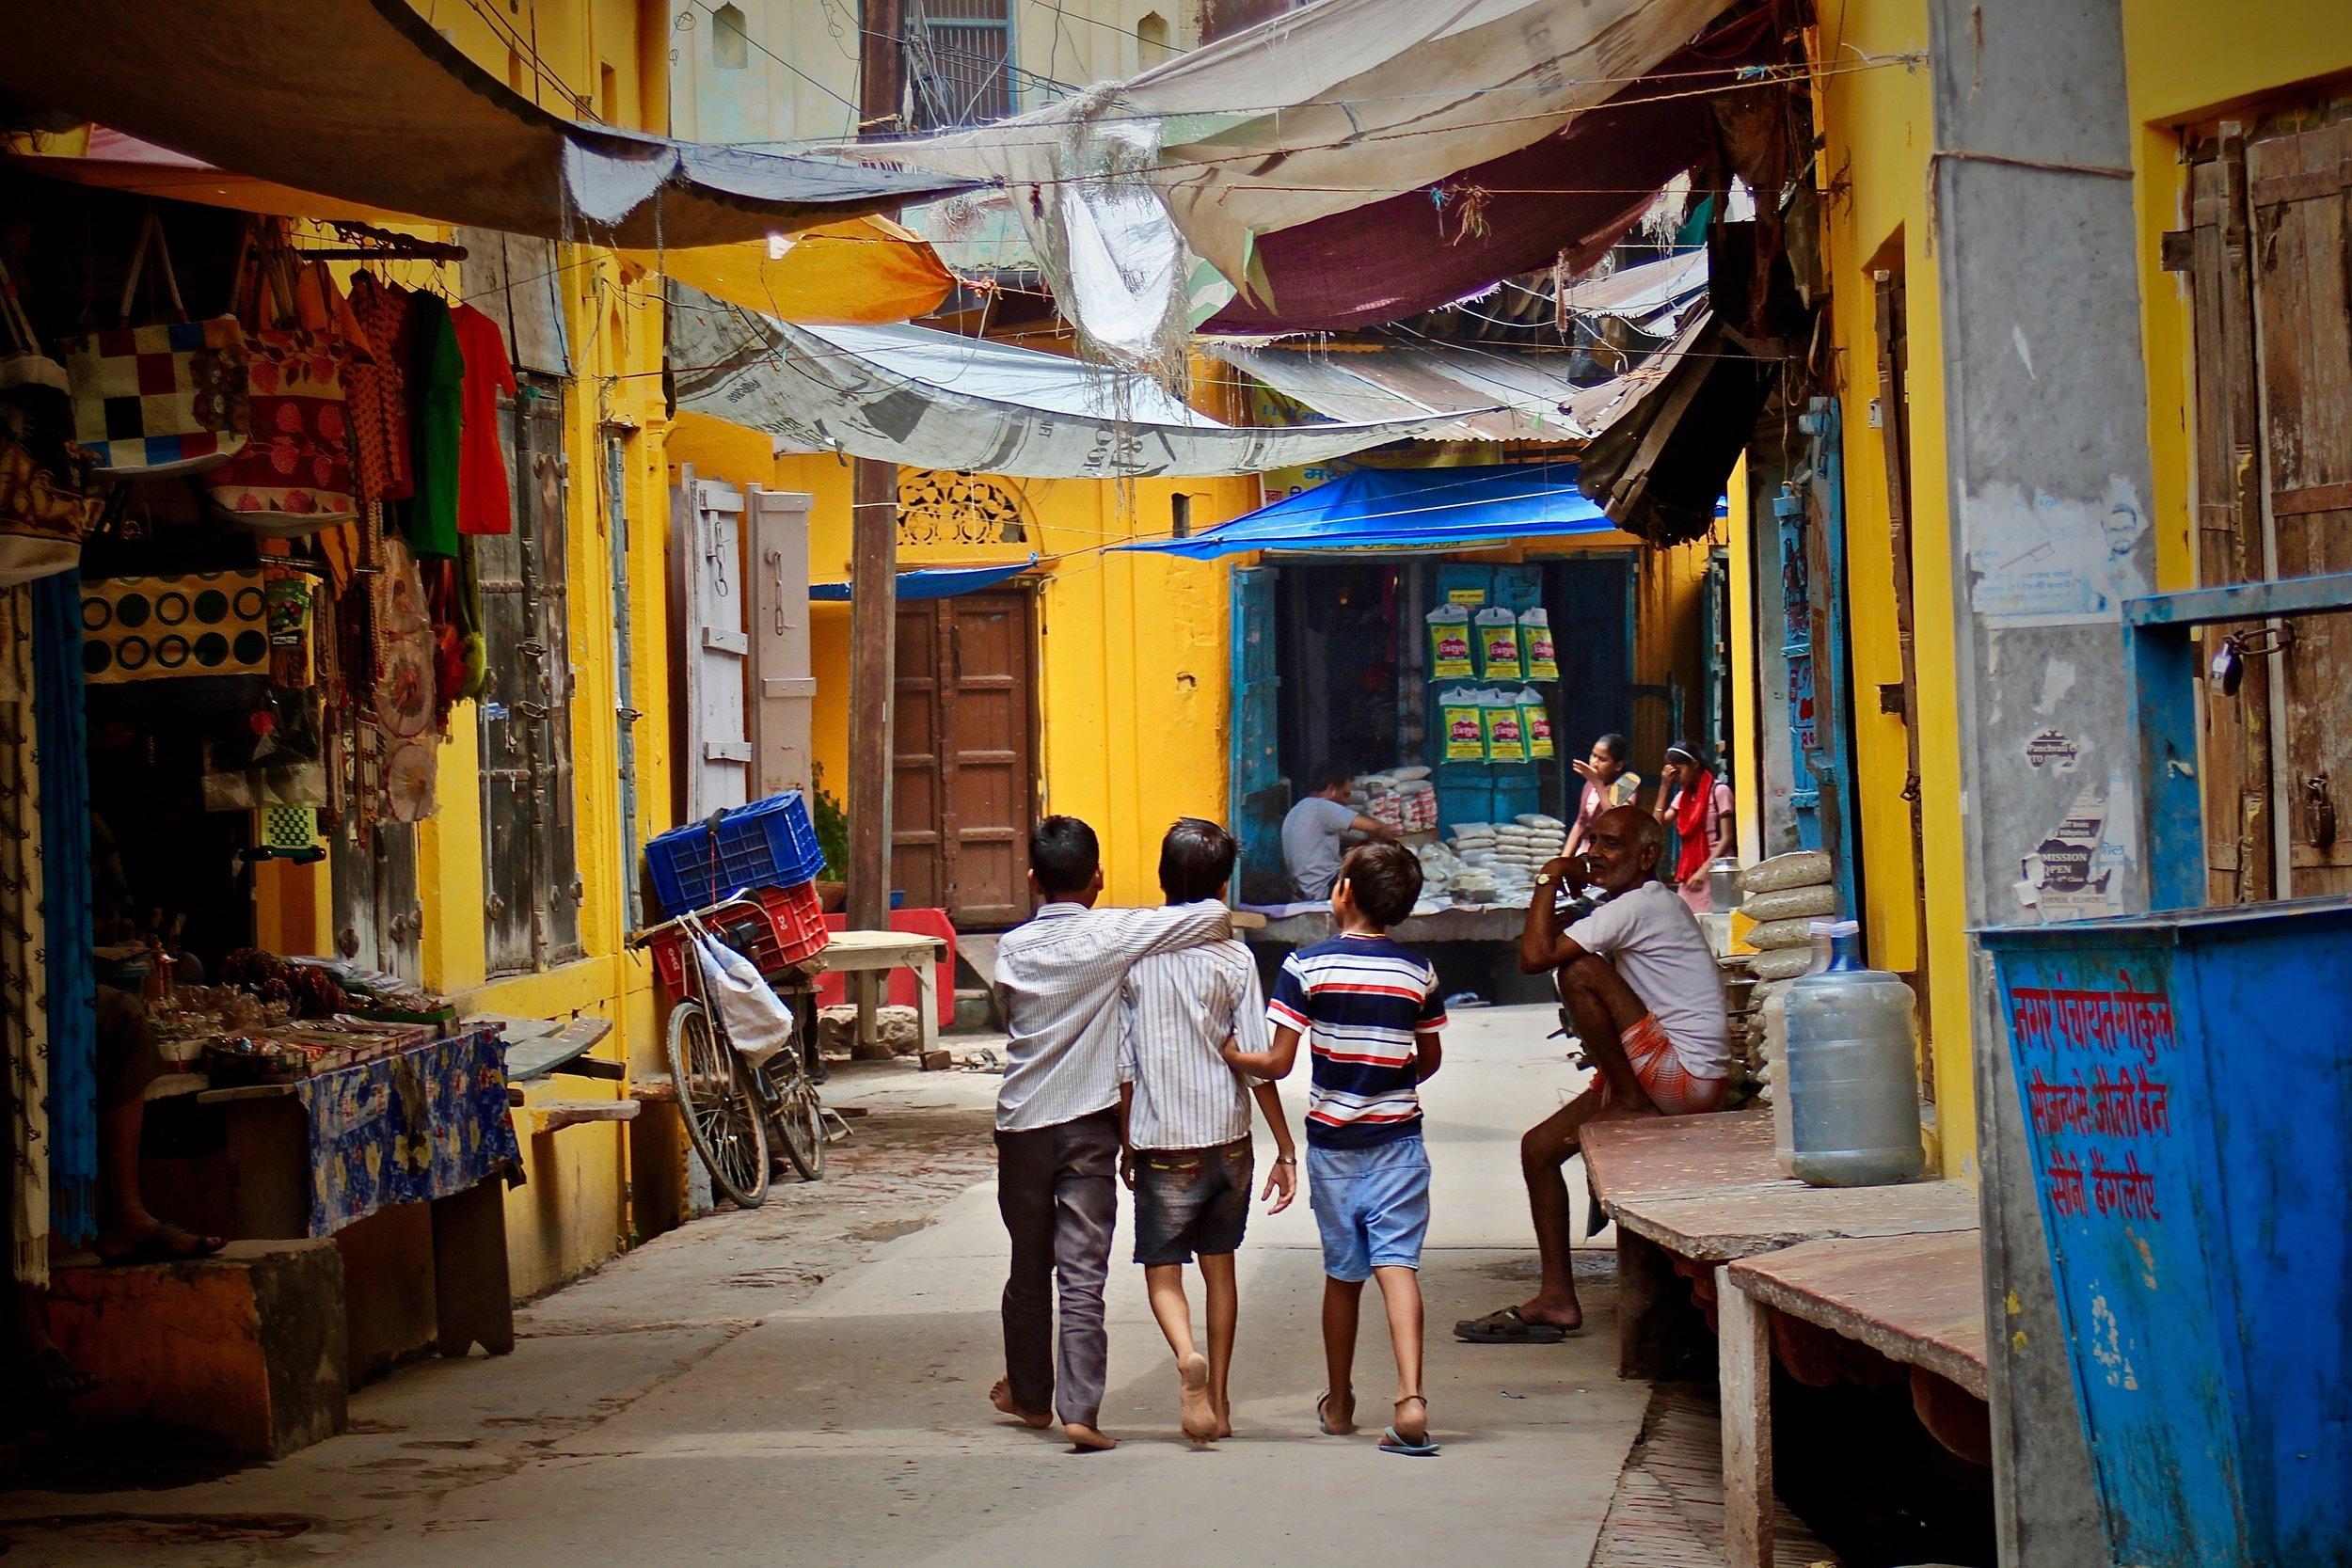 charu-chaturvedi-764147-unsplash.jpg